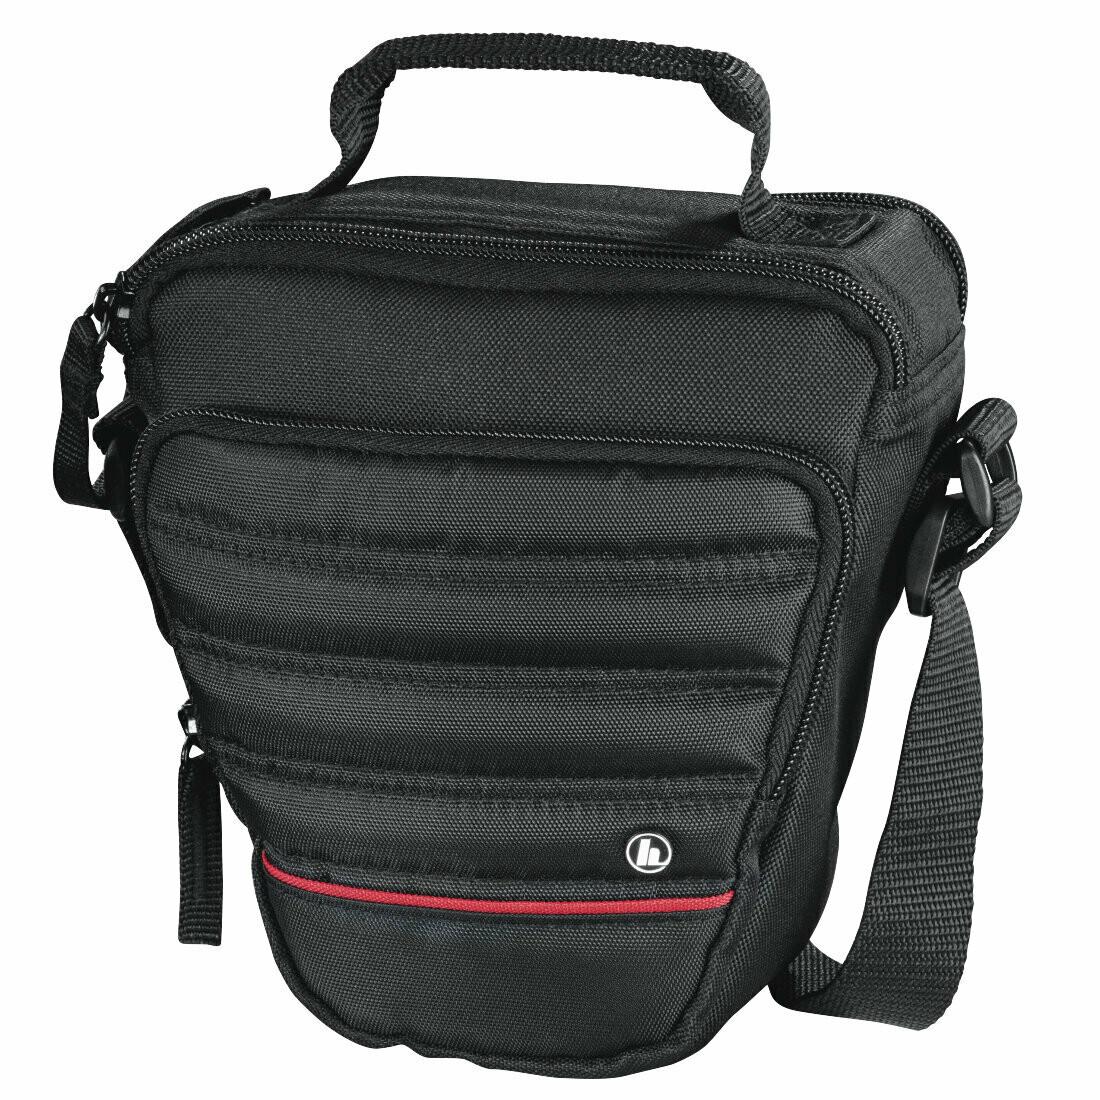 Fototasche passend für Sony DSC-H400 - Kameratasche